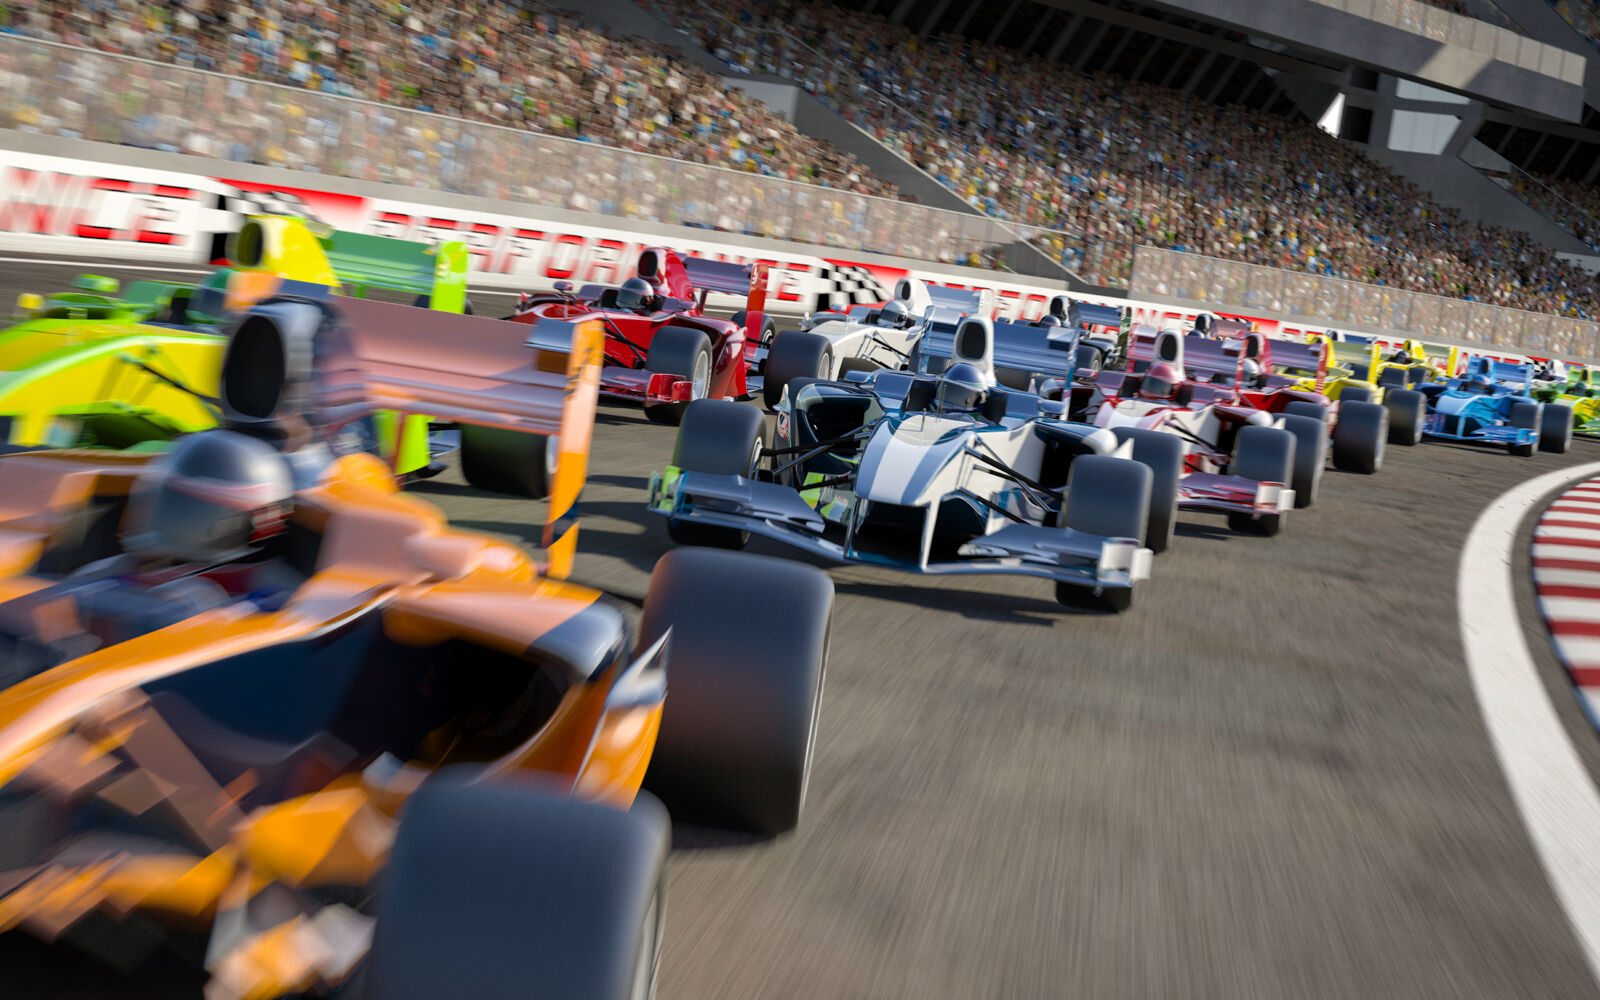 澳門格蘭披治大賽車(Macau Grand Prix)